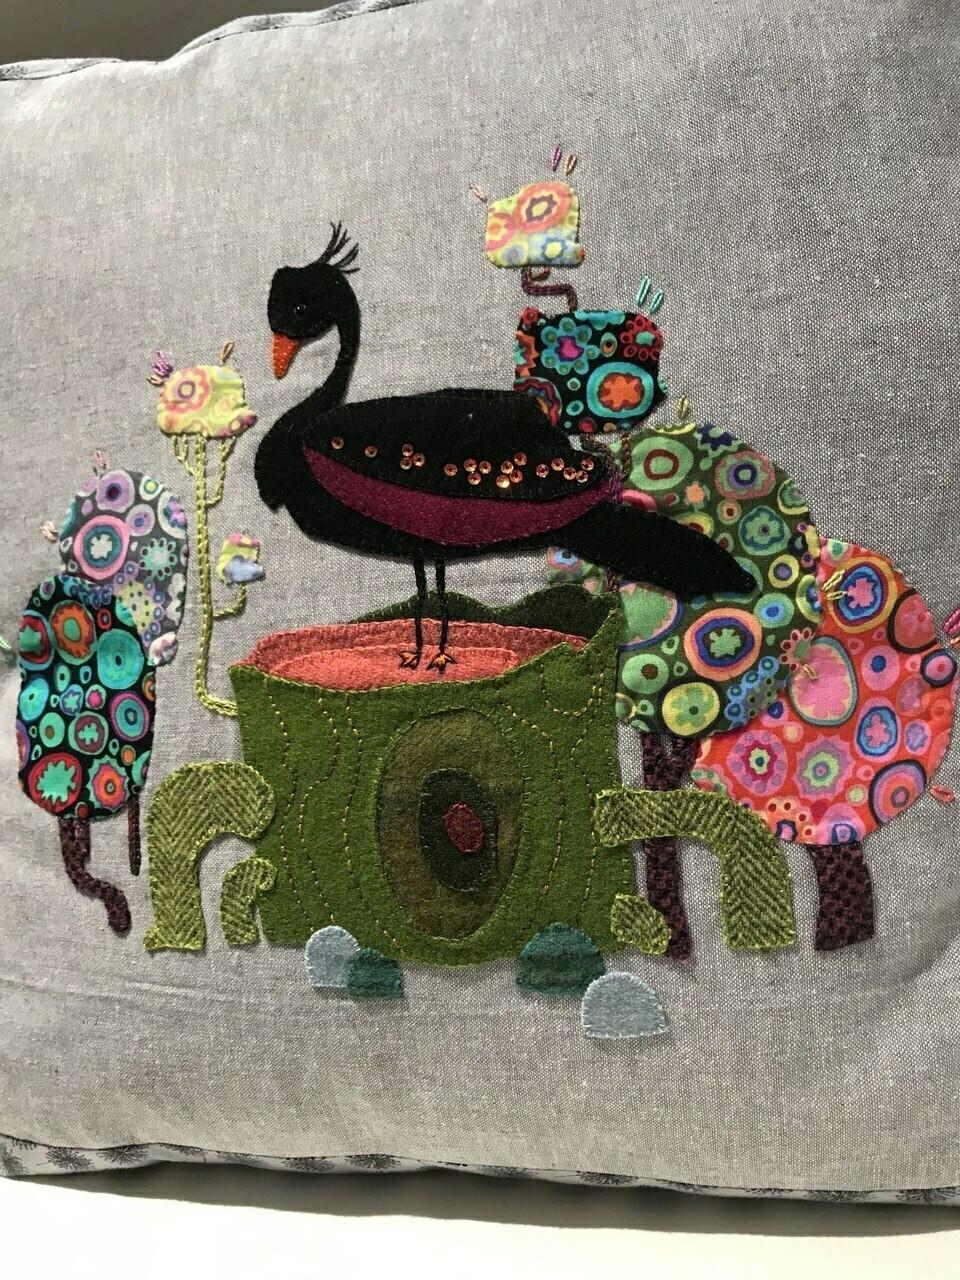 Veronique's Quilt Designs : Fantasies, Black Swan